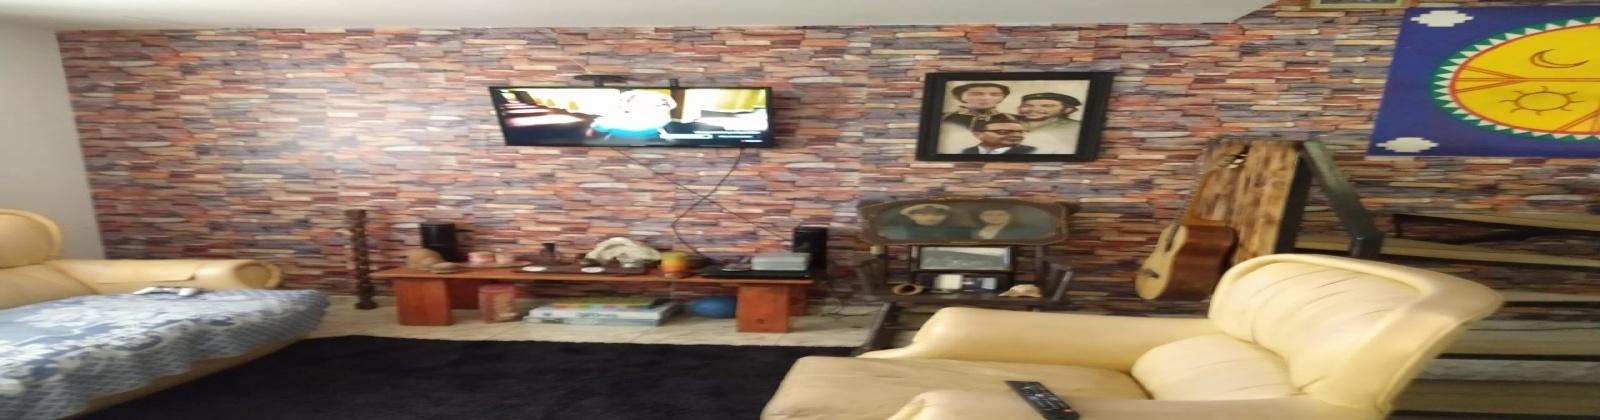 Balmaceda, Renca, R. Metropolitana, 3 Habitaciones Habitaciones, ,1 BañoBathrooms,Casa,Venta,Balmaceda,1,1030